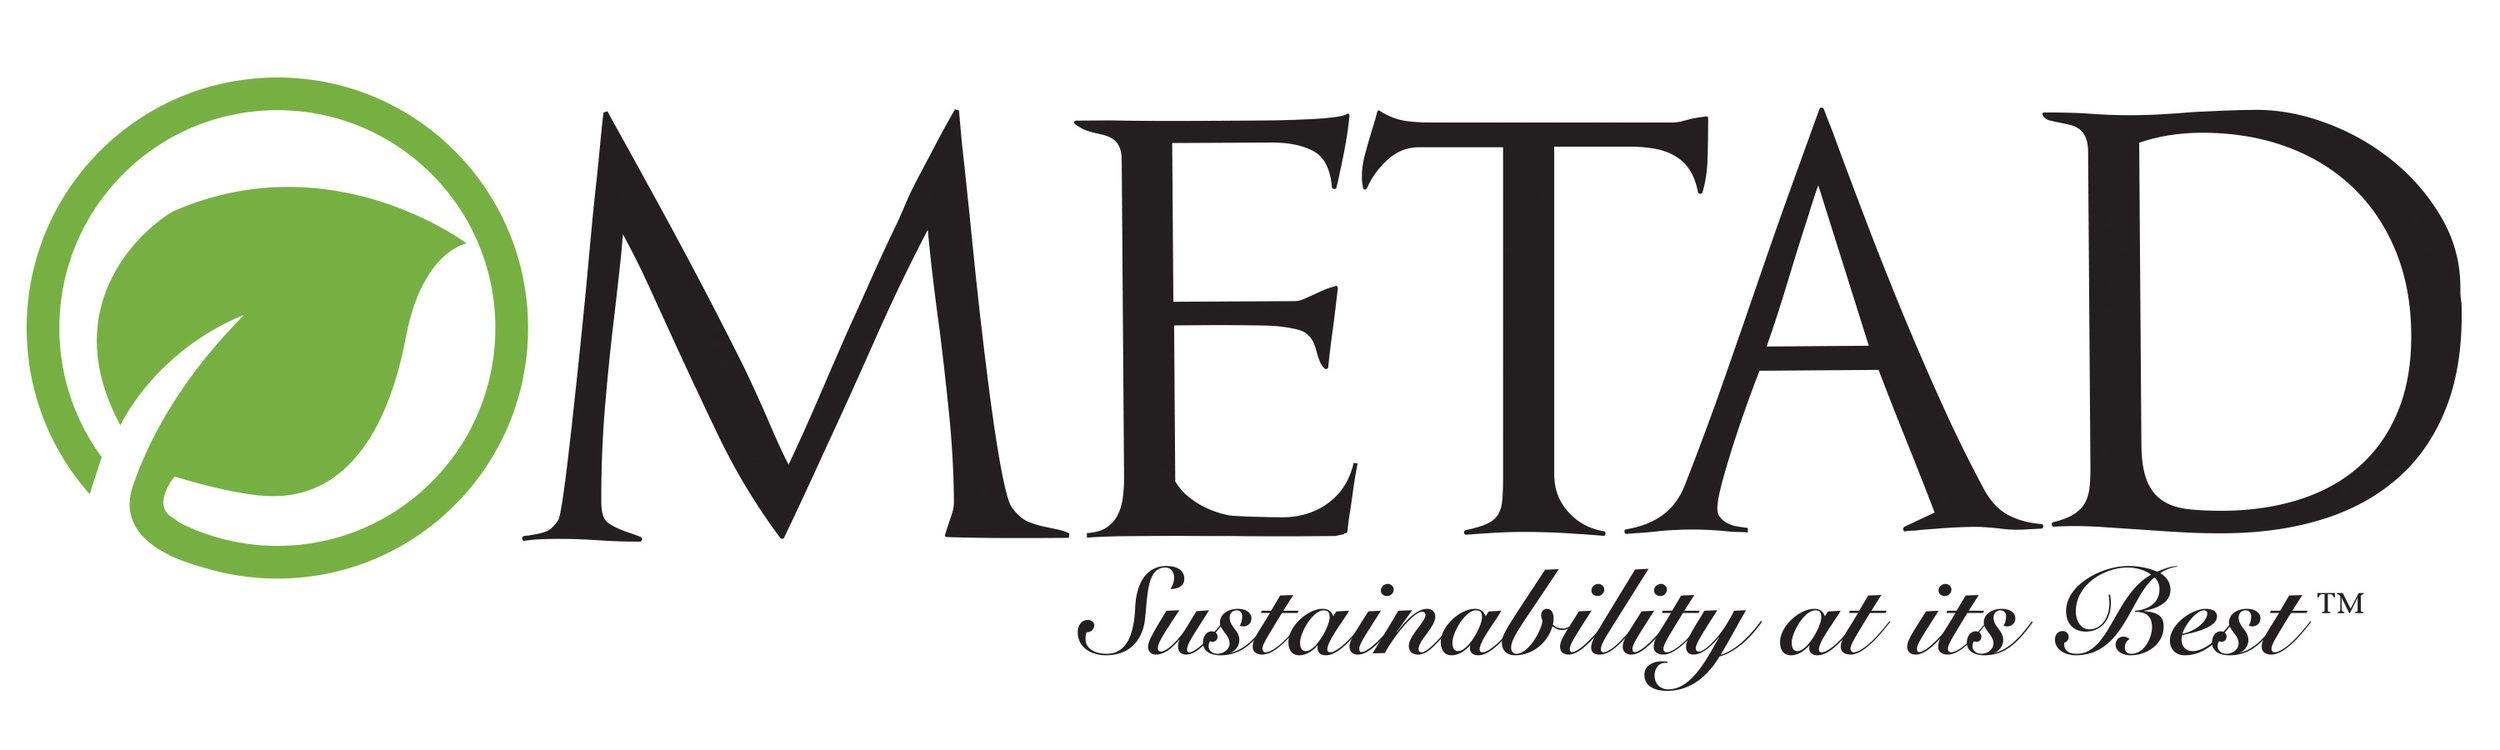 metad_logo_w_tag_rgb 1st.jpg